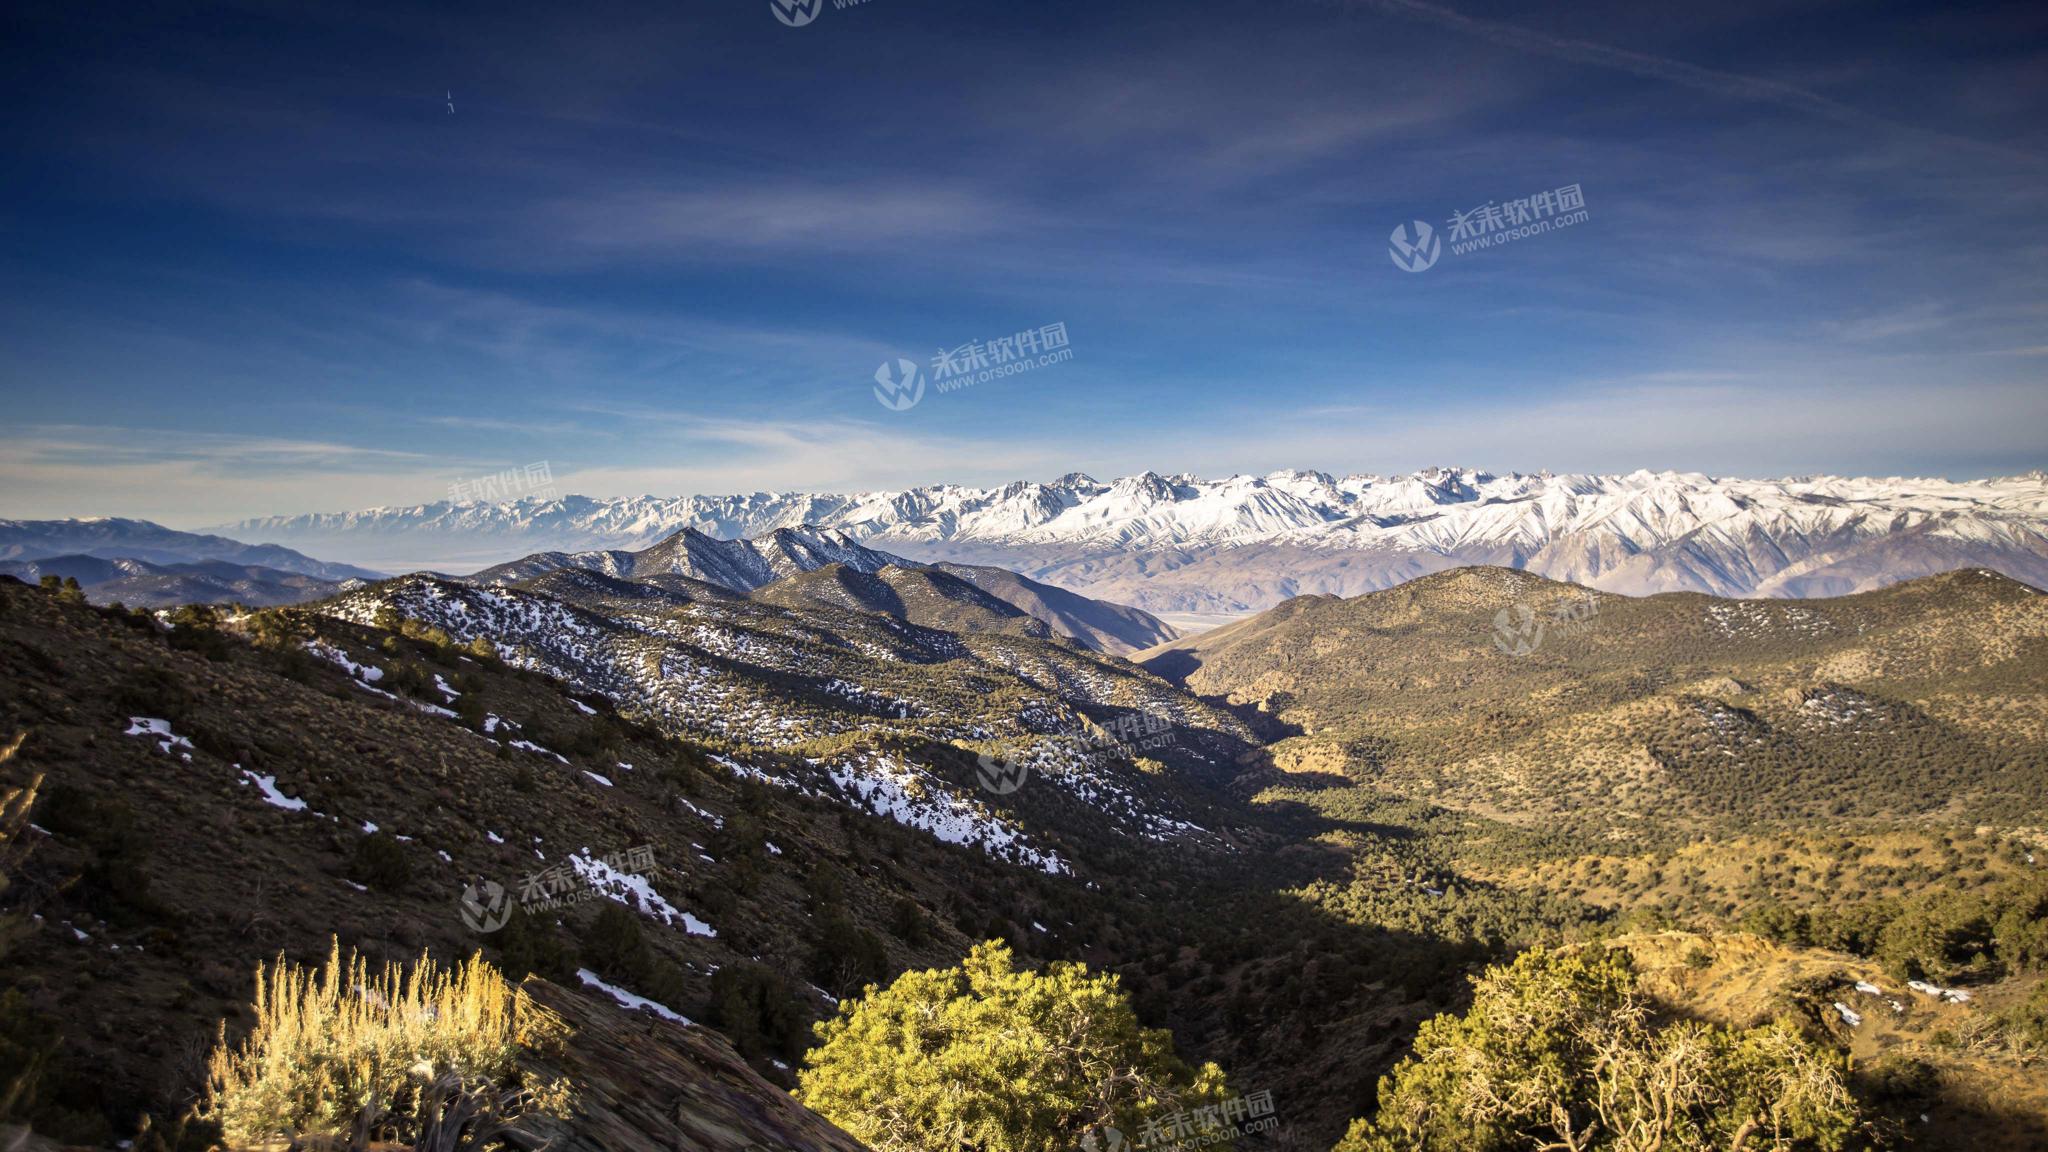 加州怀特山狐尾松古森林4K高清动态壁纸